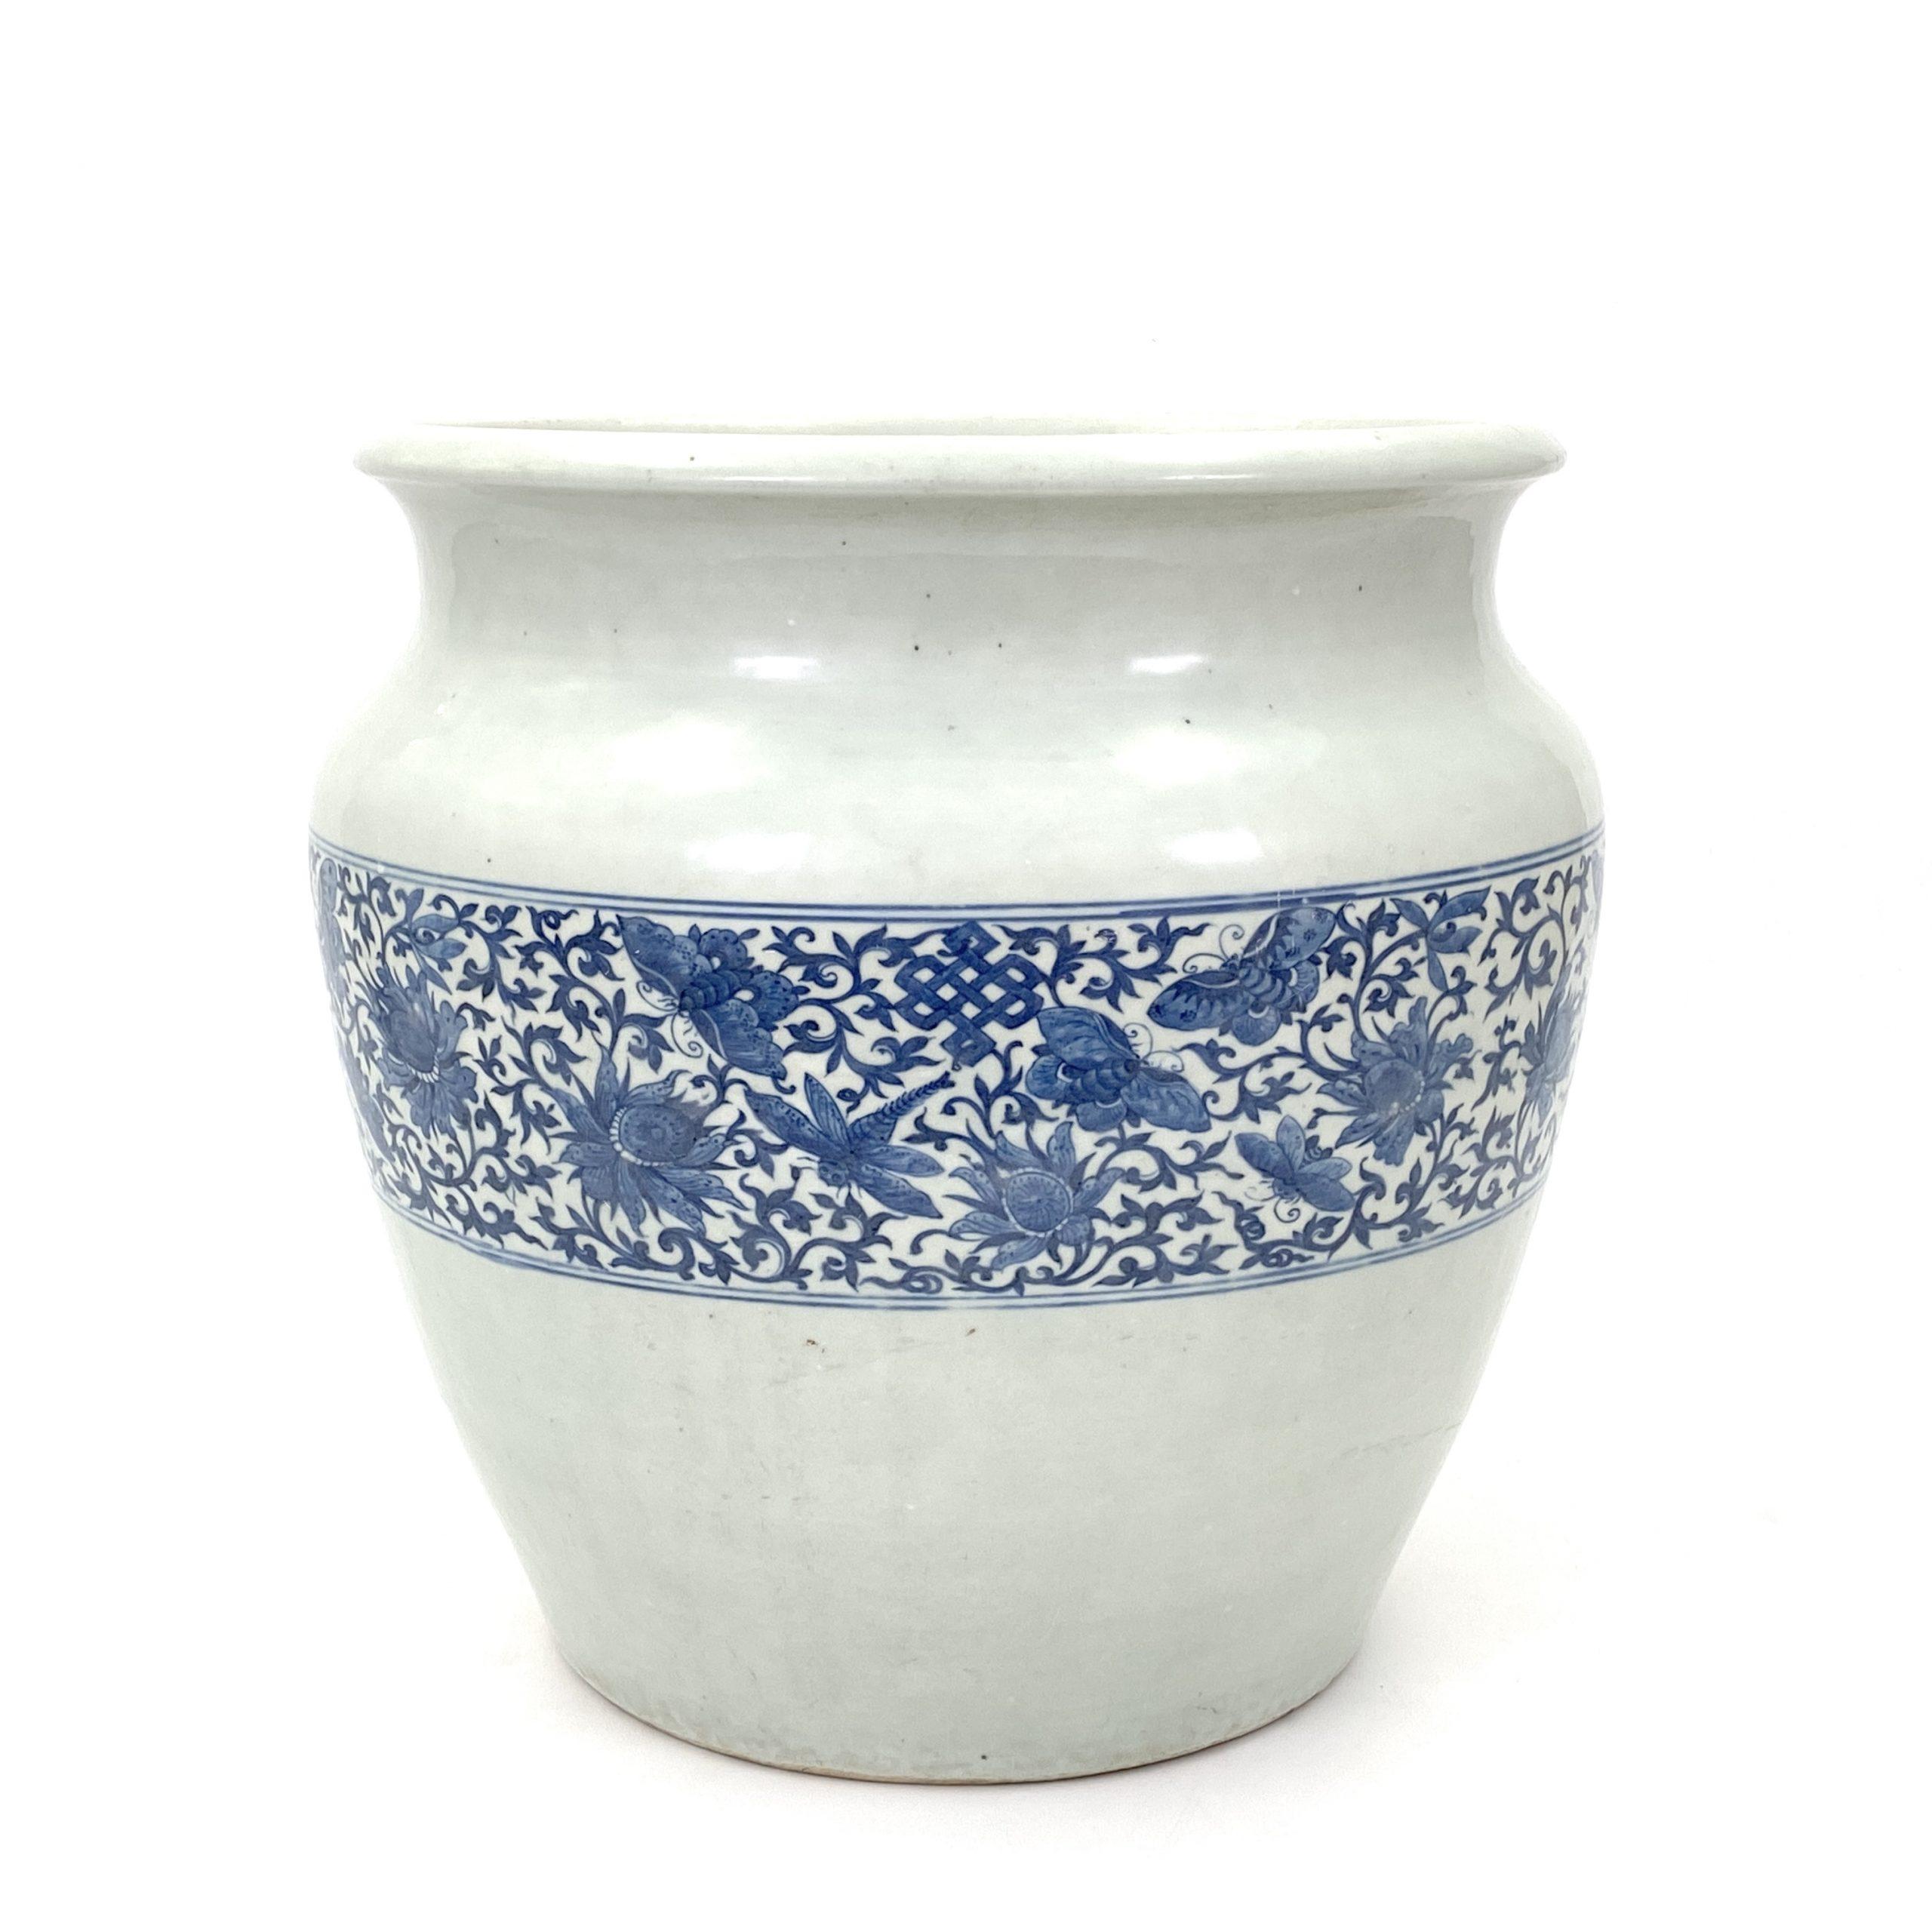 21668清「嘉慶二十三年戊寅製」款 青花 花虫図 缸